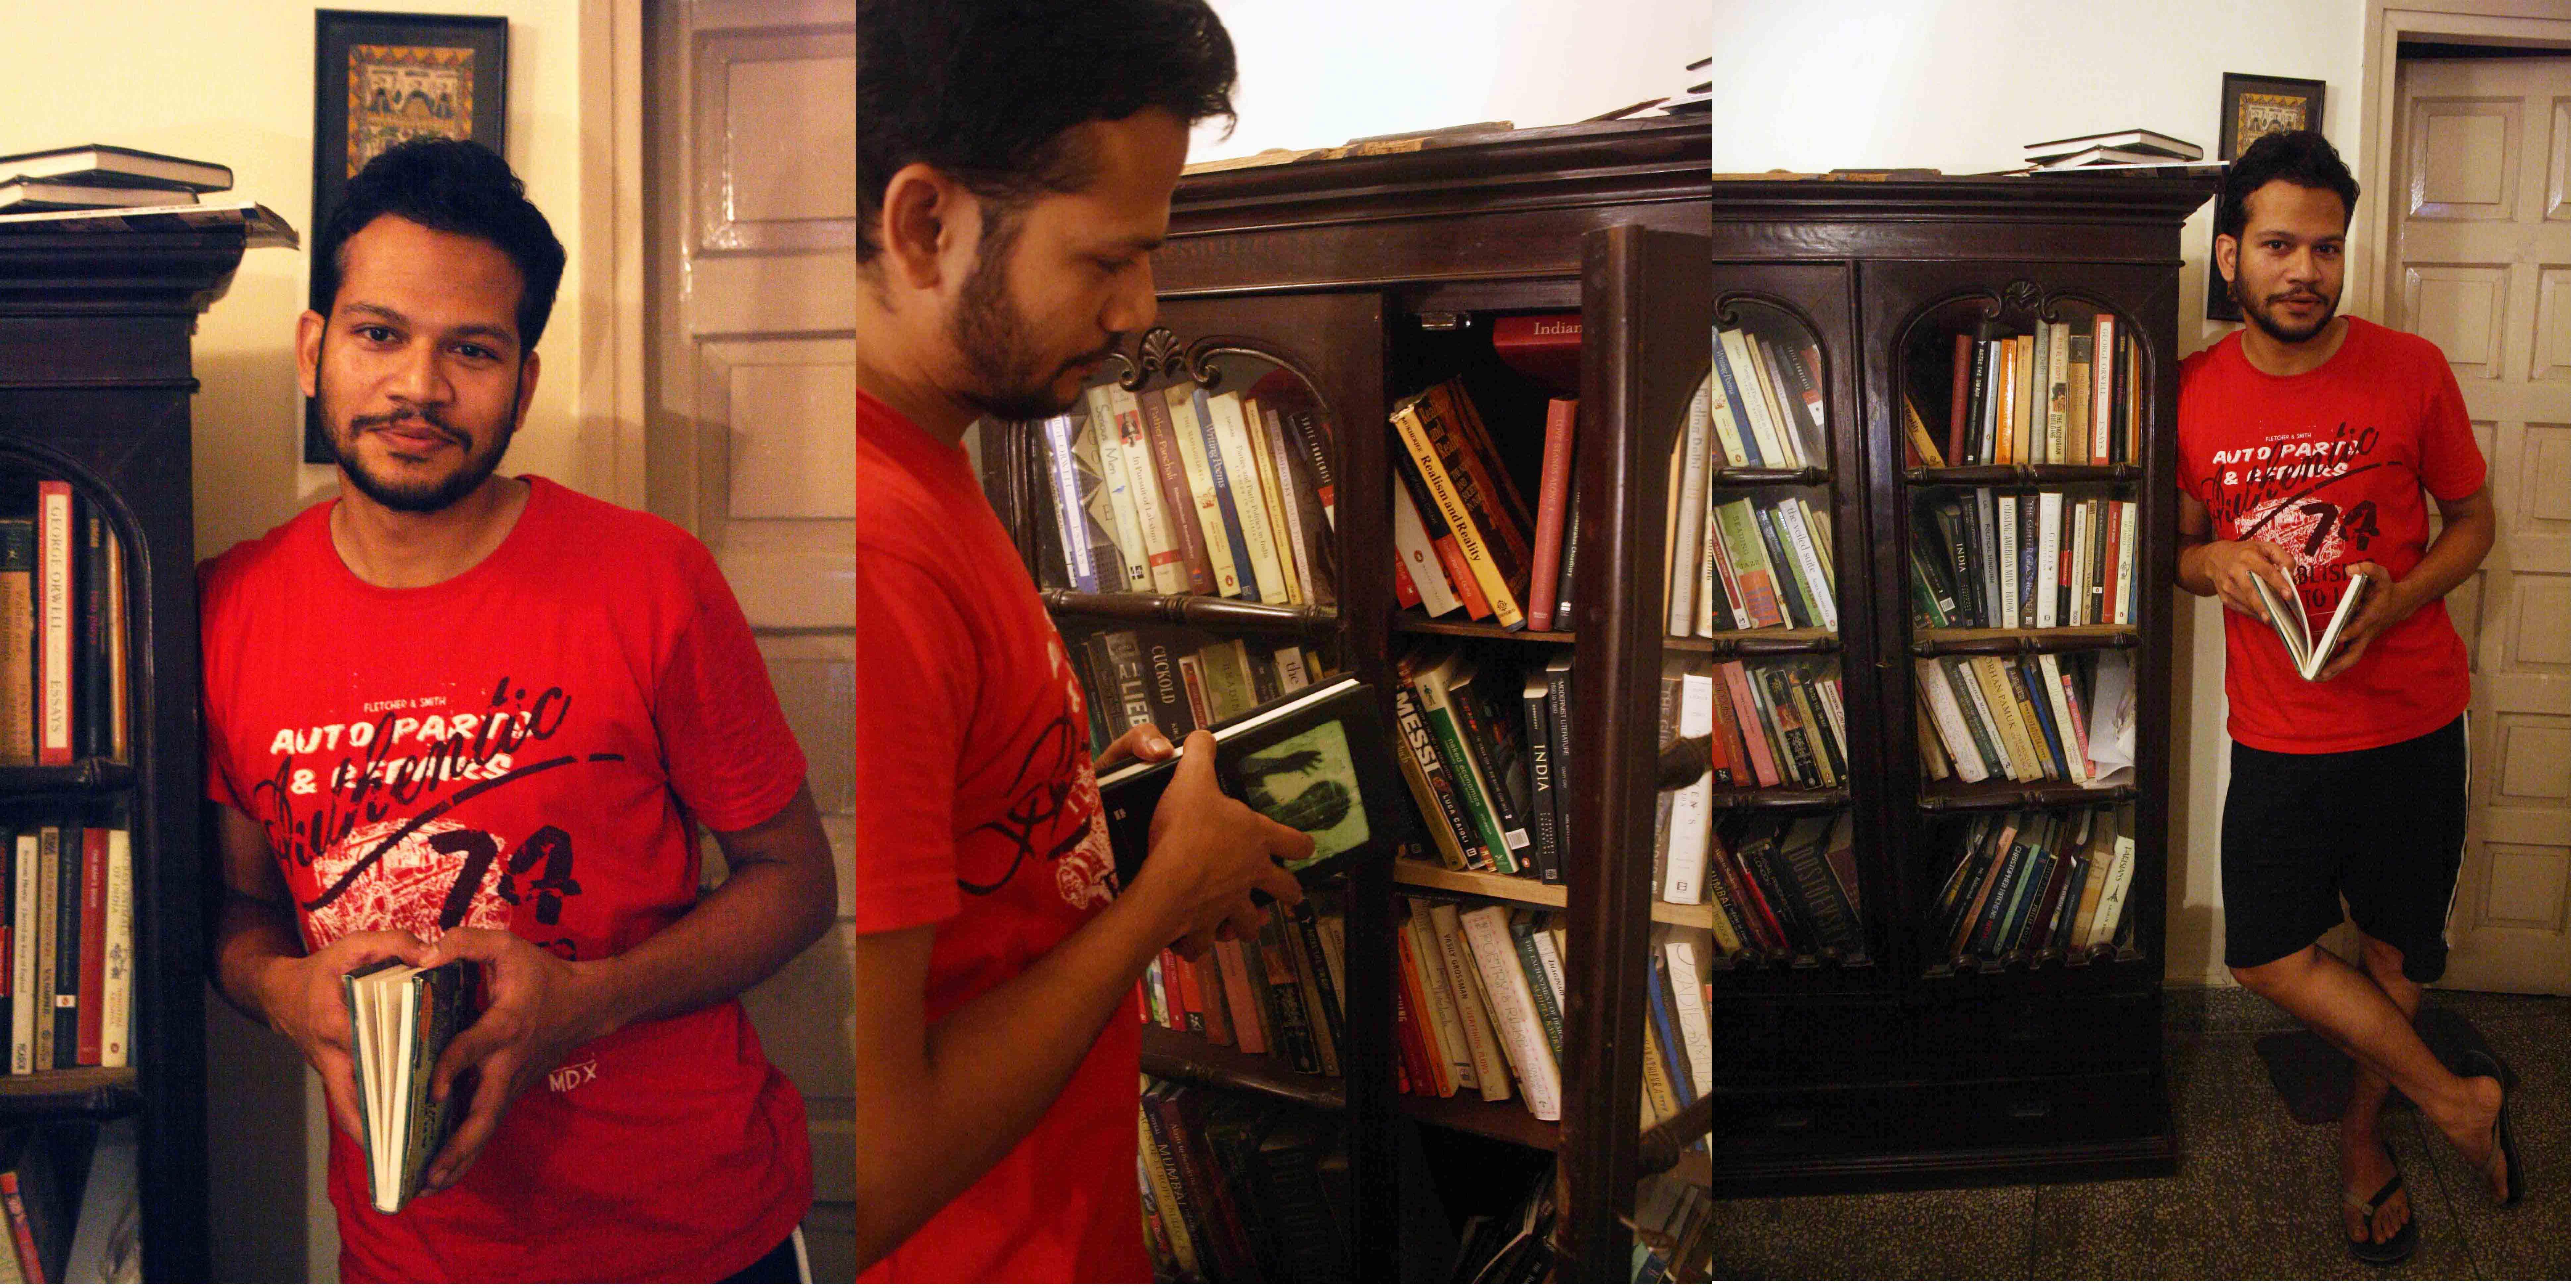 City Library - Chandrahas Choudhury's Books, Kalkaji